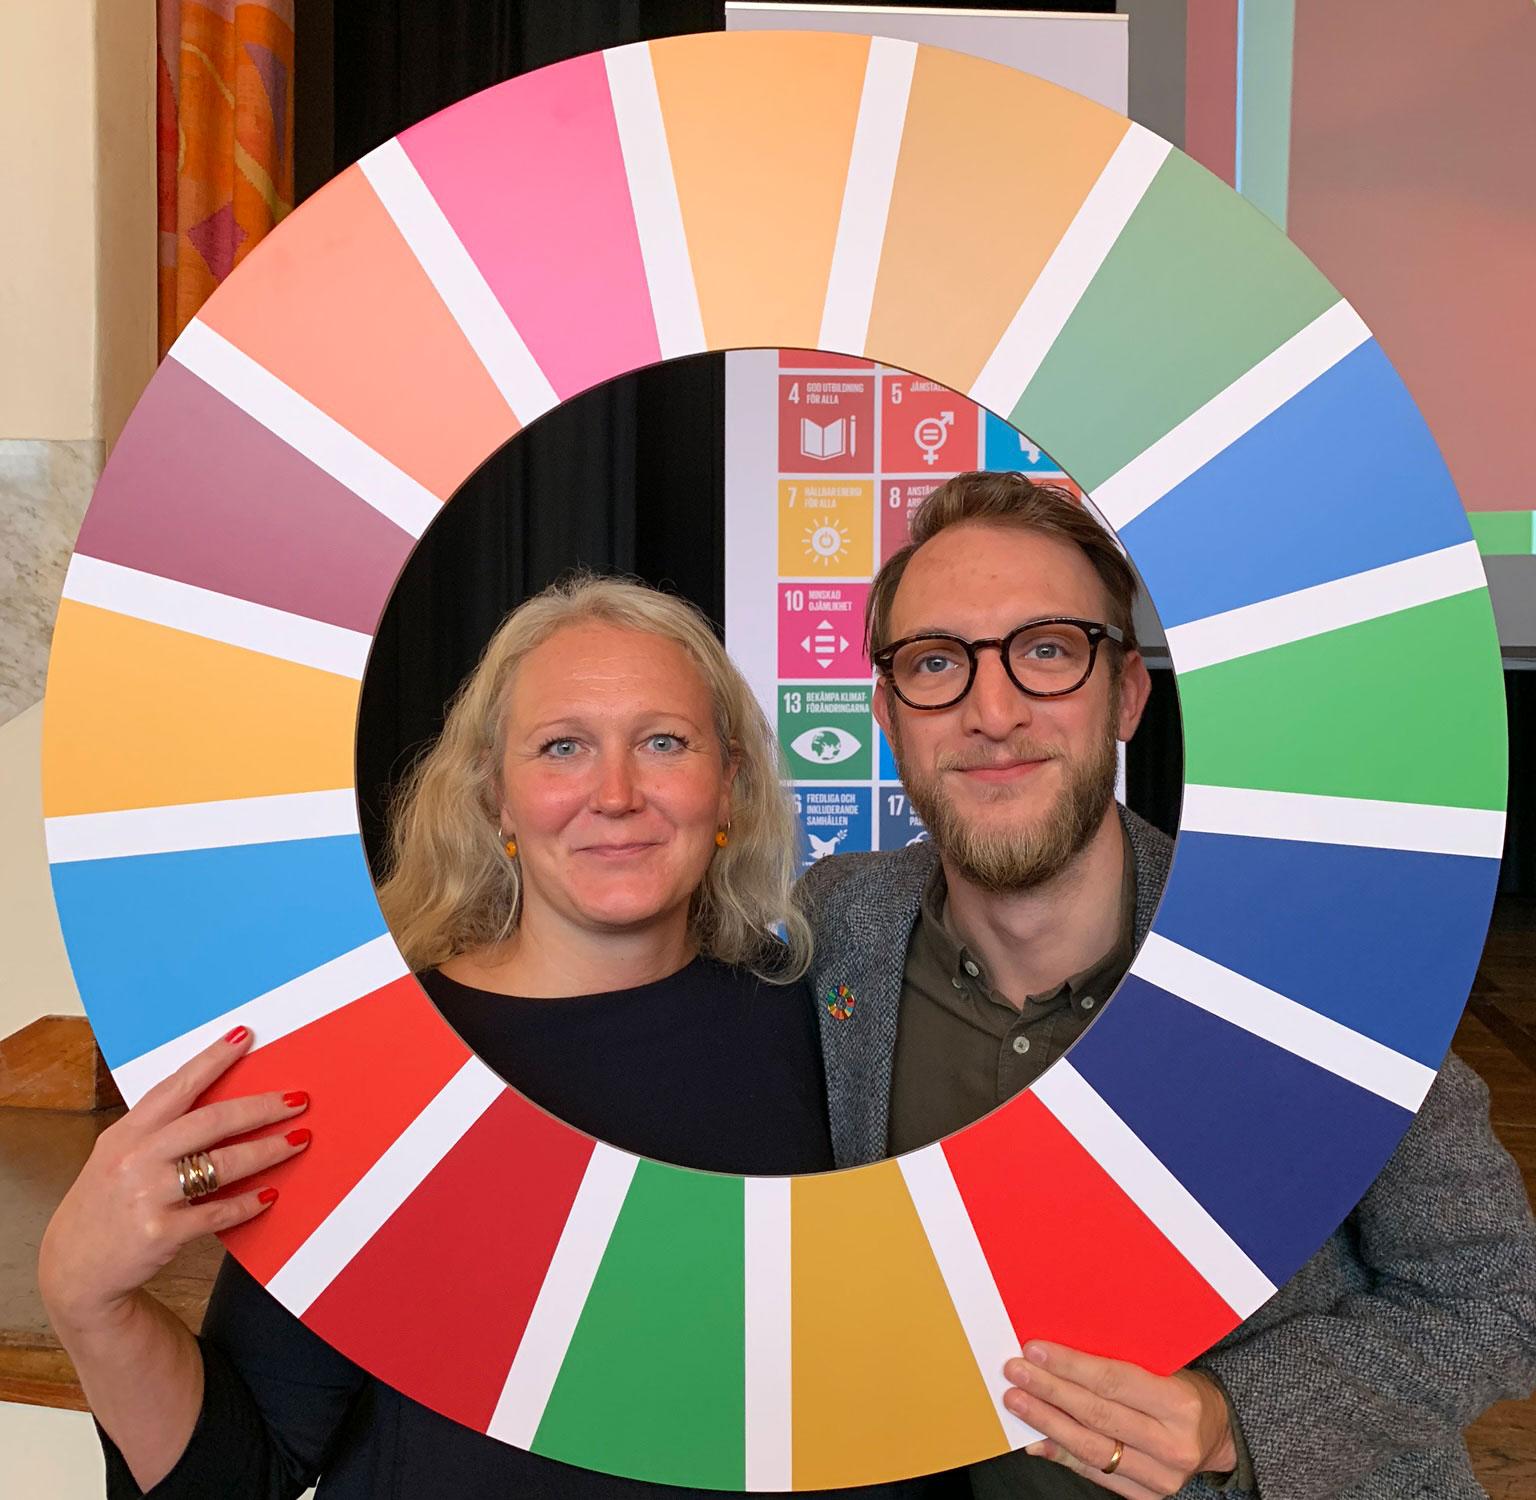 Johan Plambeck, utvecklingschef på Kultur och Fritid, och Erika Fjelkner, miljöchef, deltar i Agenda 2030-utbildningen